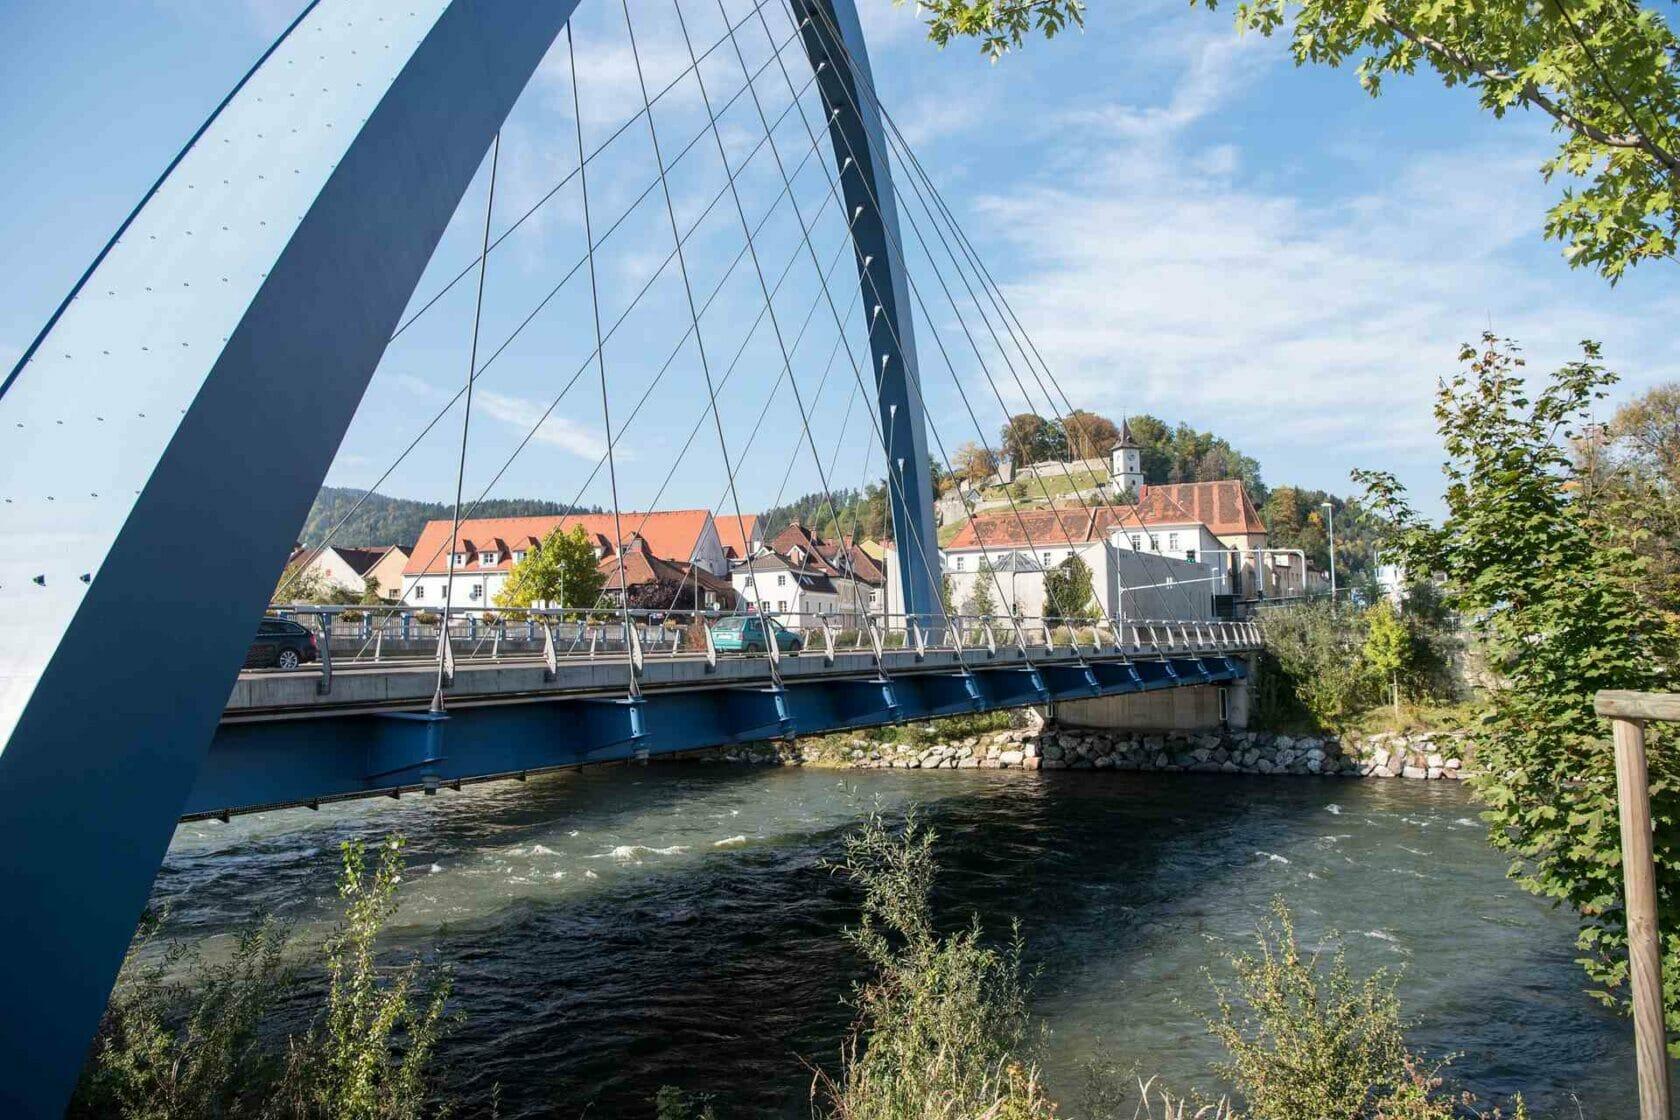 Kultur und Brauchtum in Bruck an der Mur